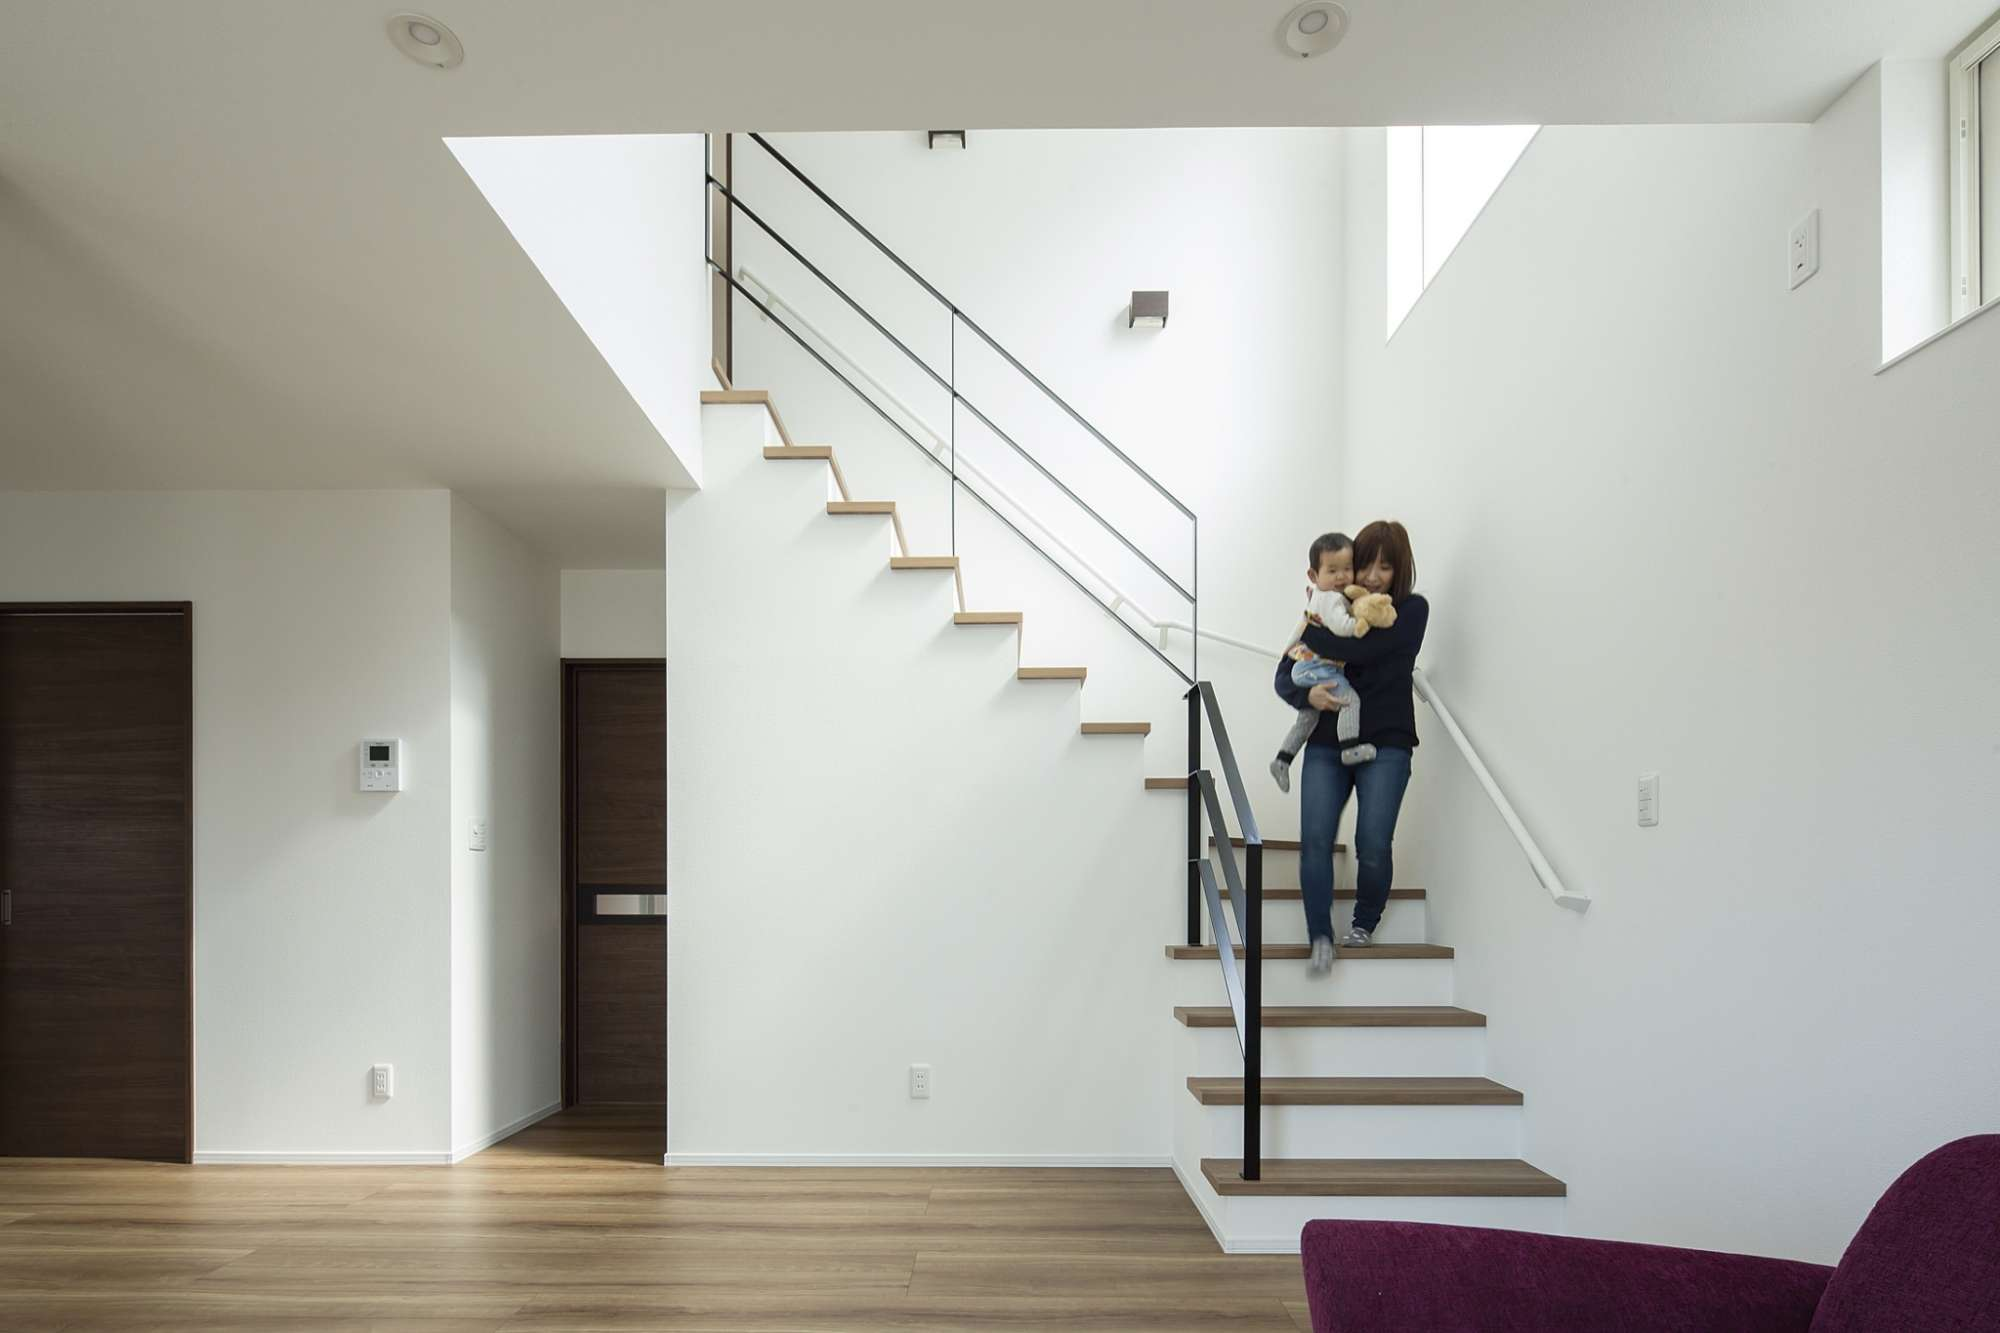 階段もステキなインテリアの一部として存在 -  -  -